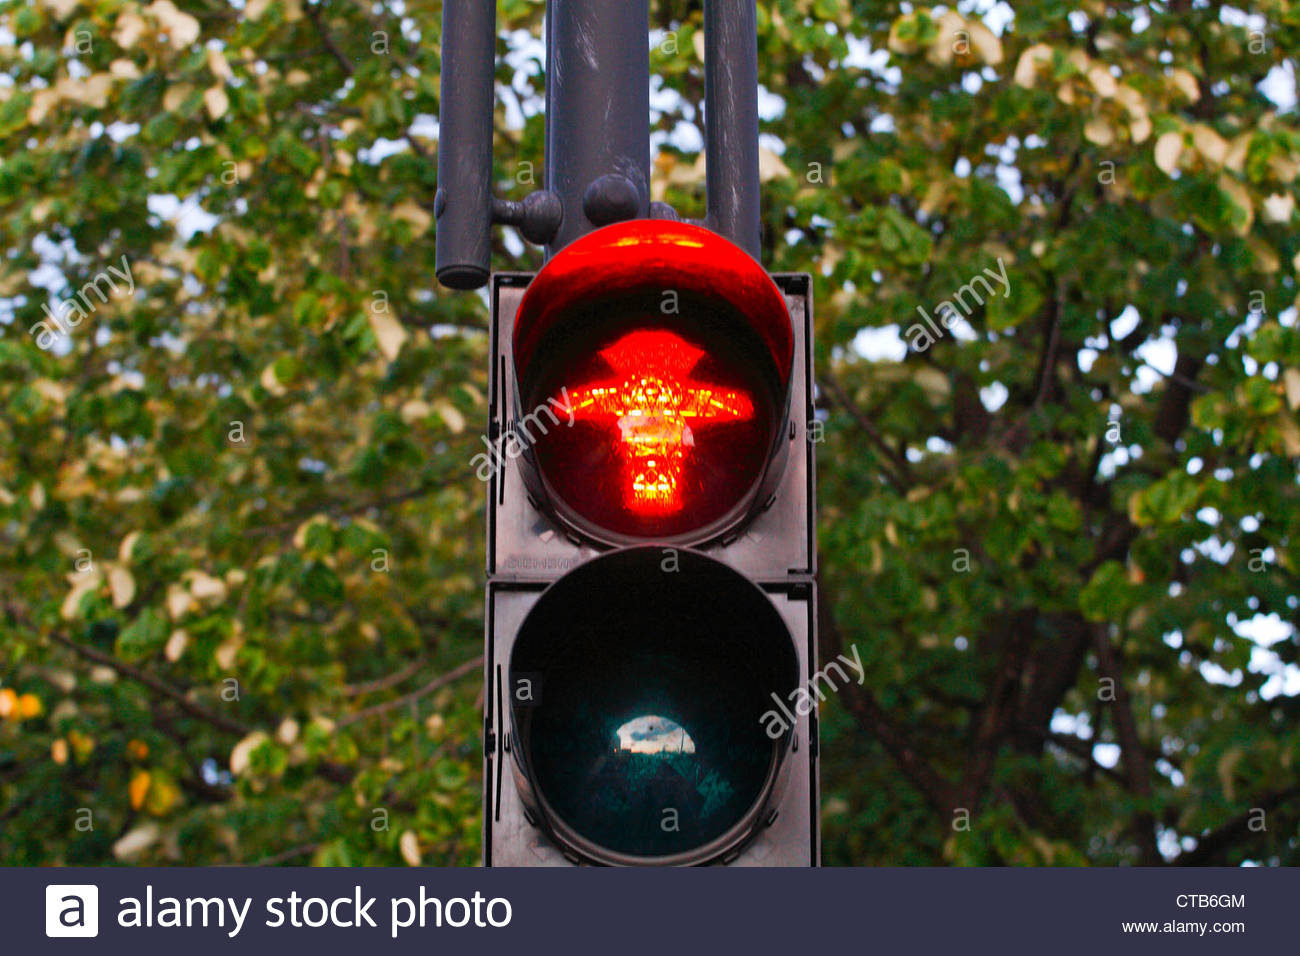 Ampelmännchen, typische Ampel im Osten Berlin.Pedestrian Rotlicht. Stockbild